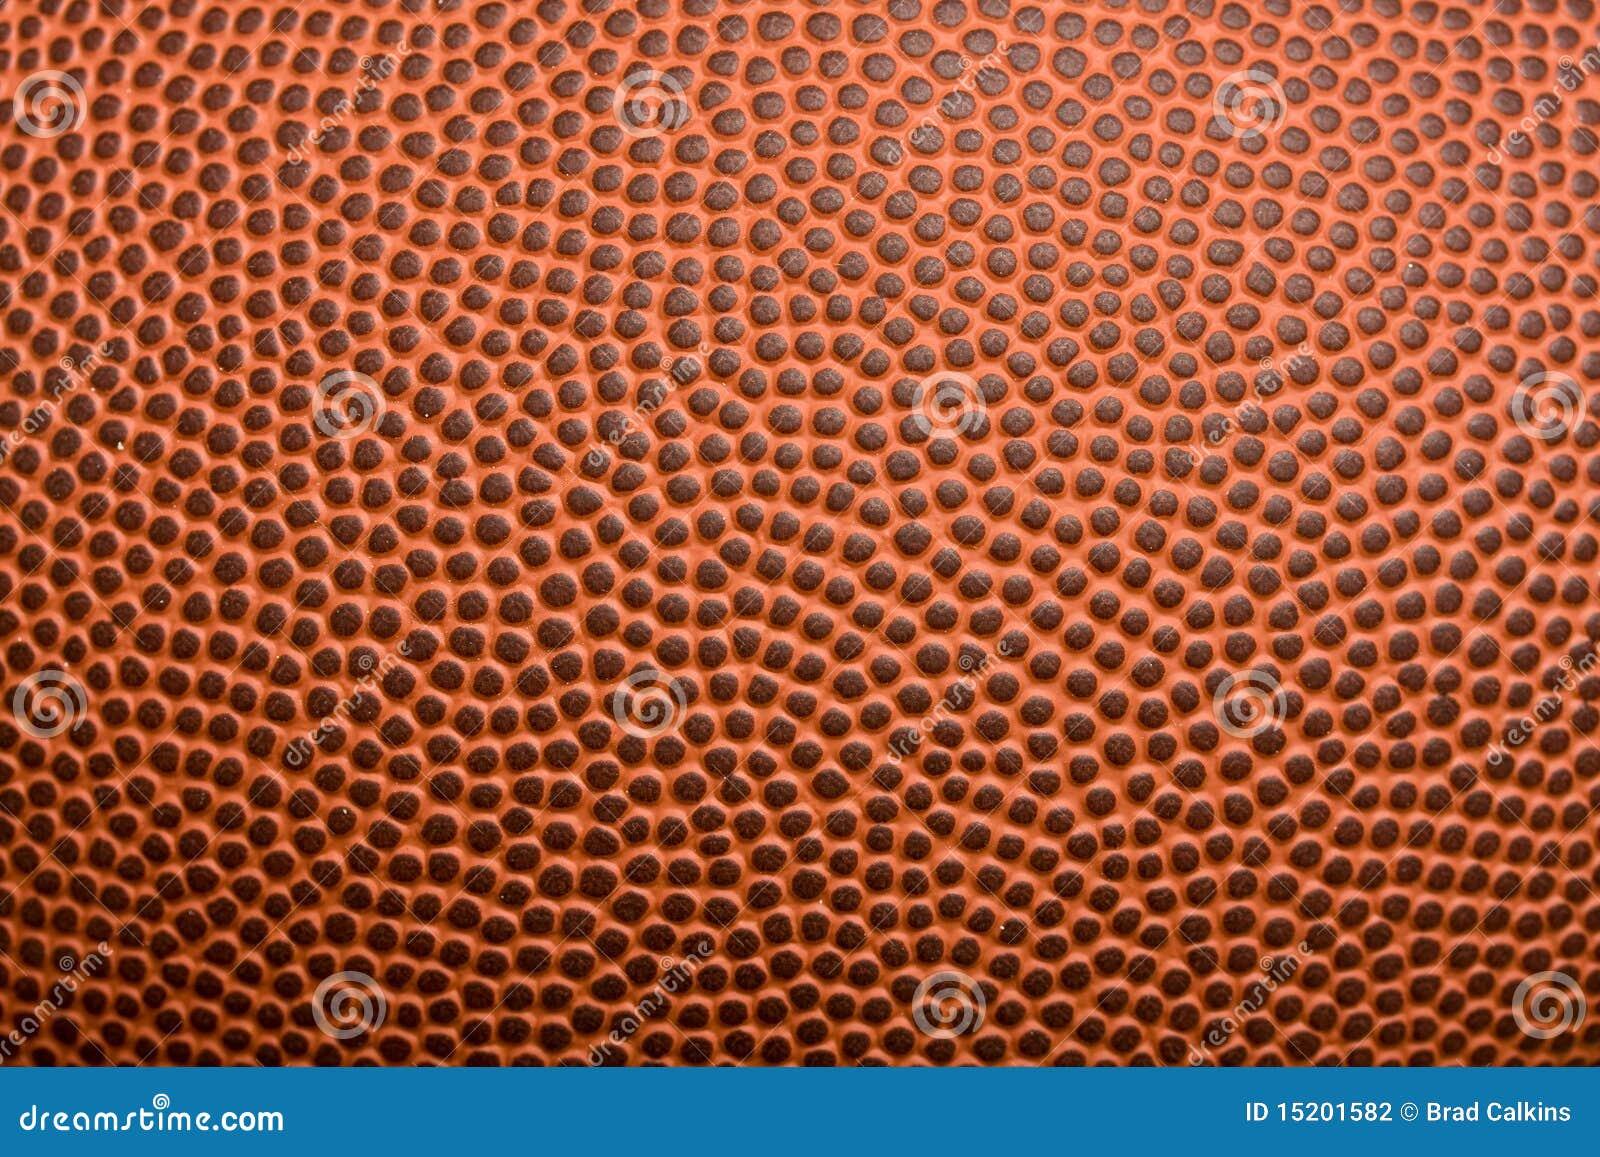 De textuur van de voetbal